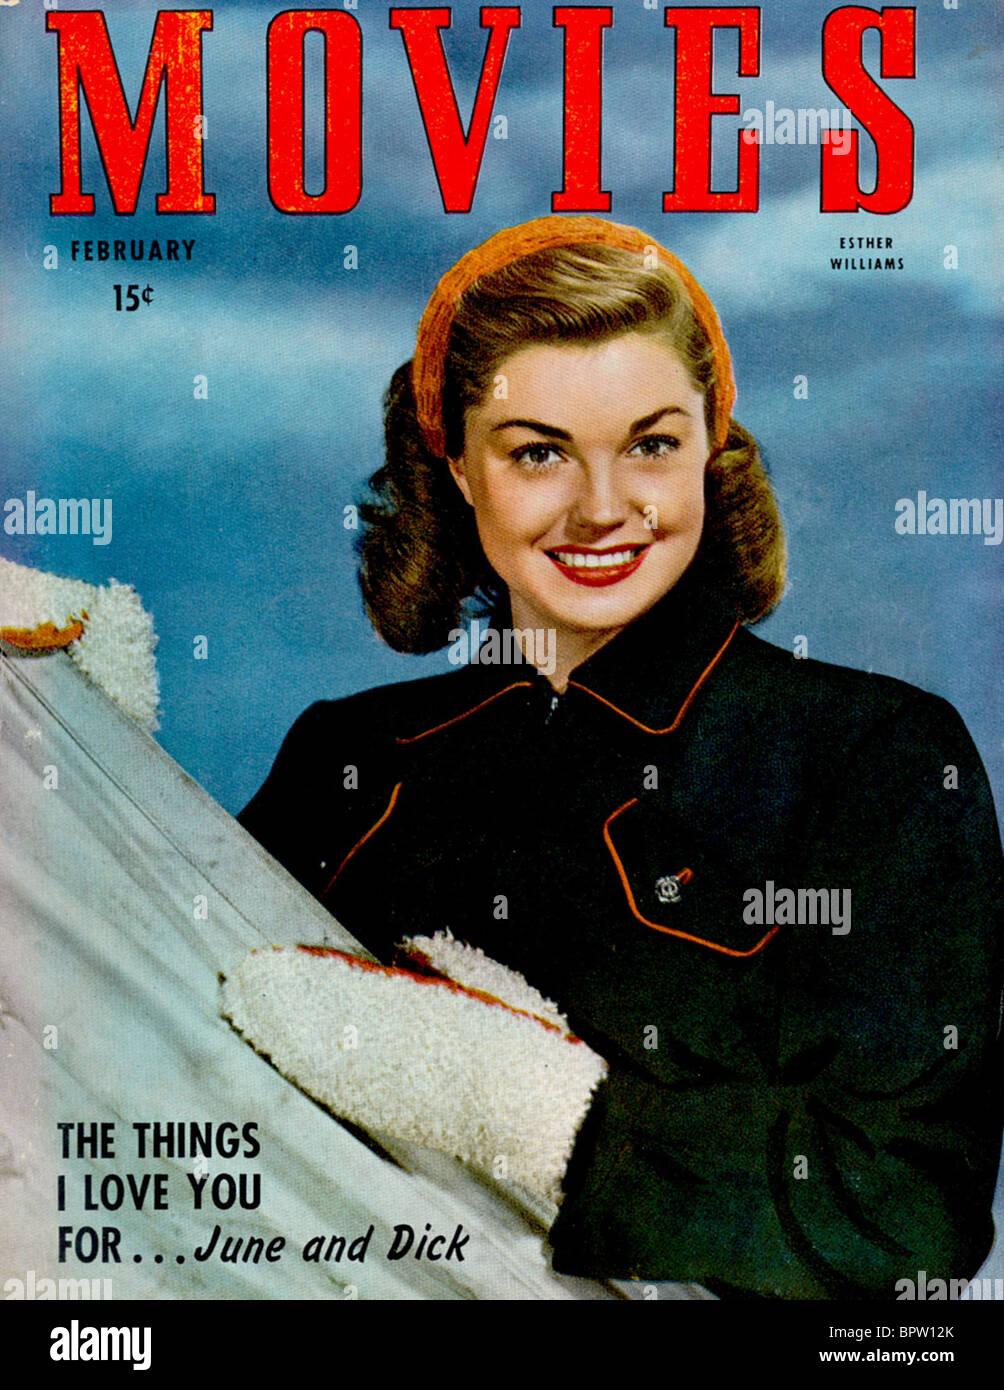 ESTHER WILLIAMS FILME MAGAZIN-COVER (1947) Stockbild